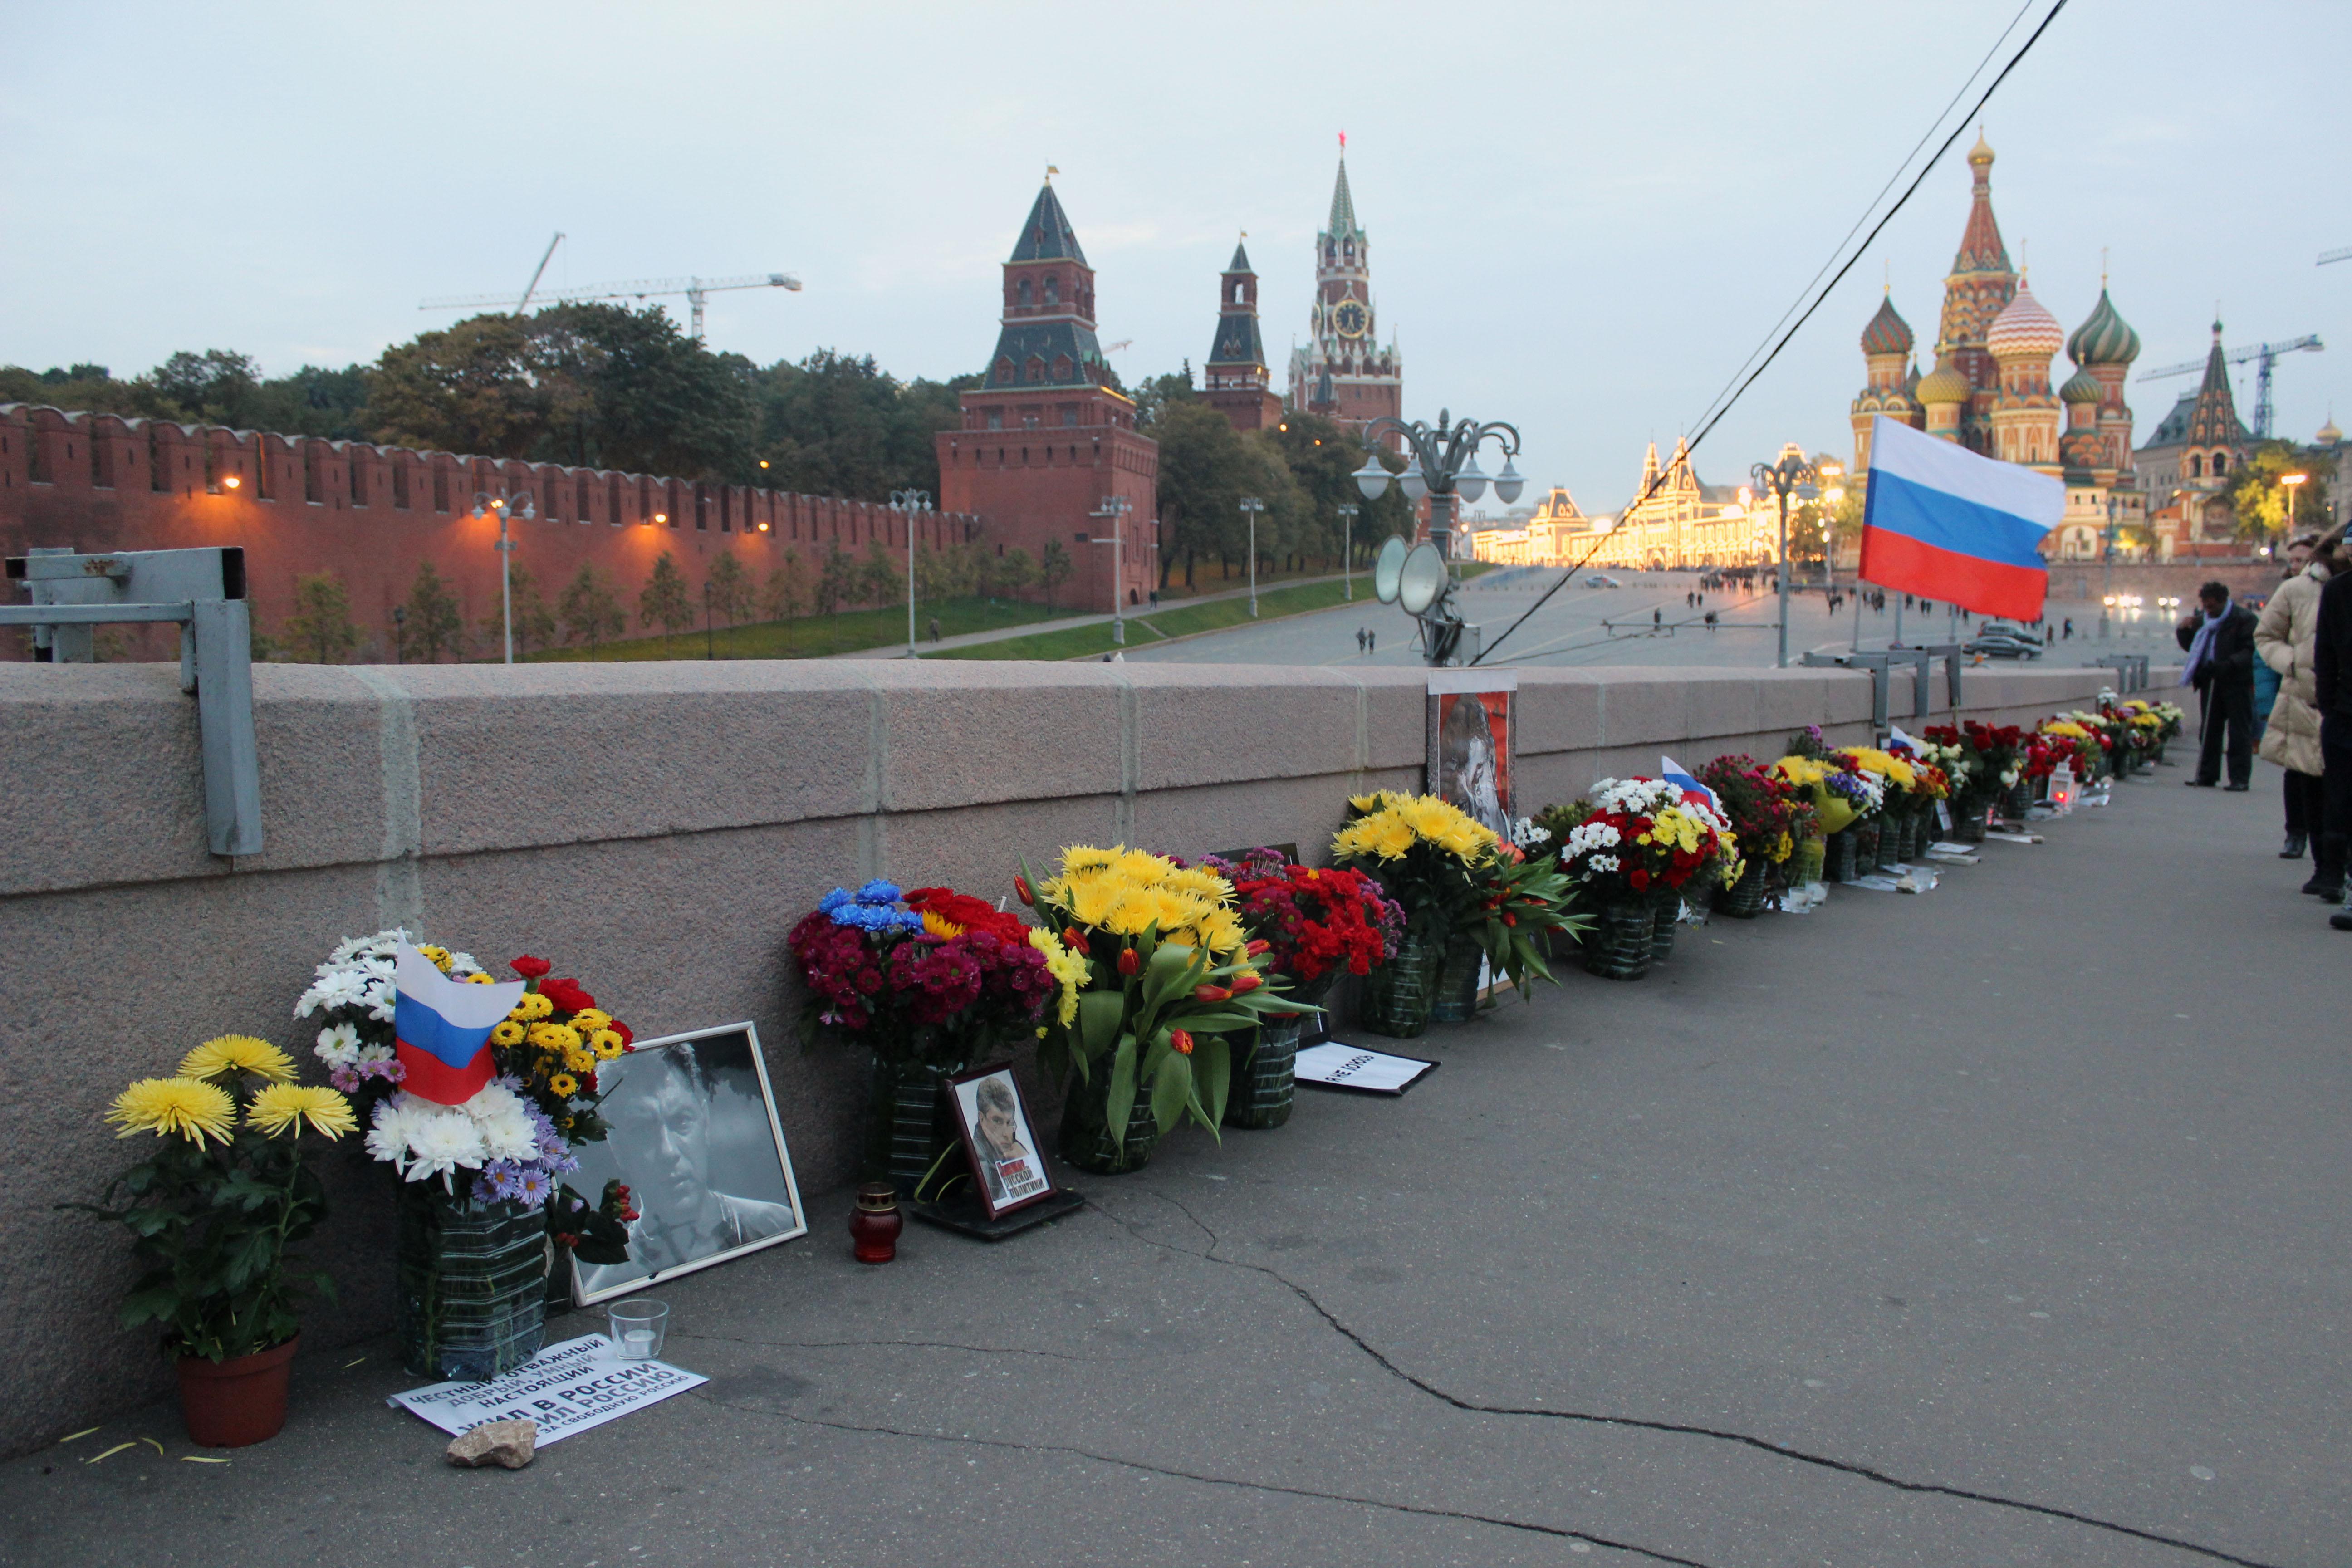 Власти Москвы третий раз ликвидировали народный мемориал Немцова - Цензор.НЕТ 4321